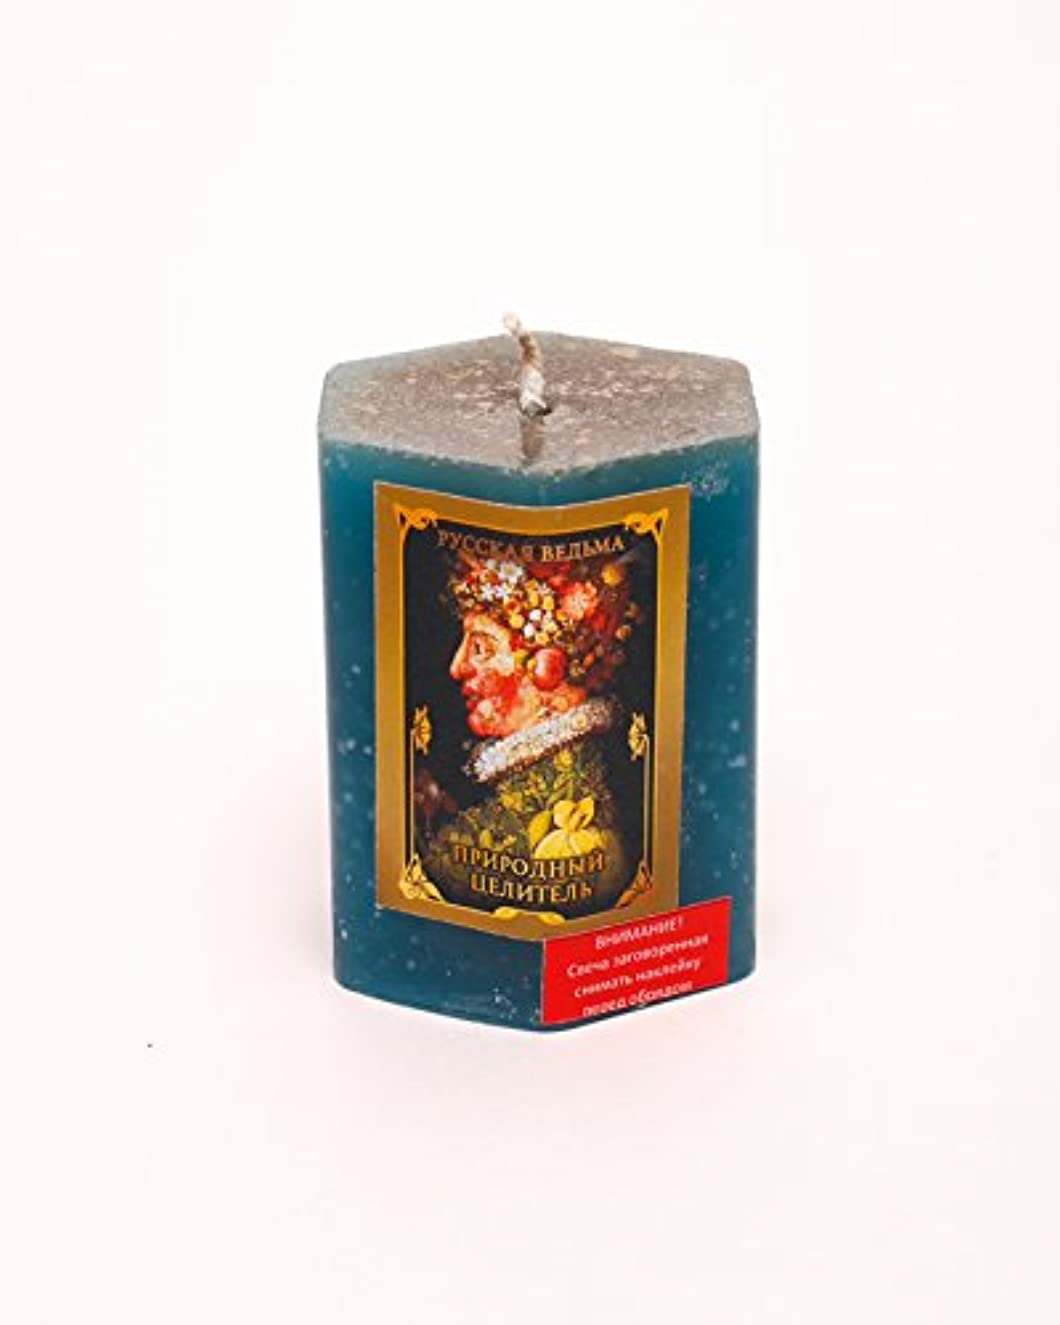 区別スケジュール側溝ナチュラルハーブHealer Candle Wicca Pagan